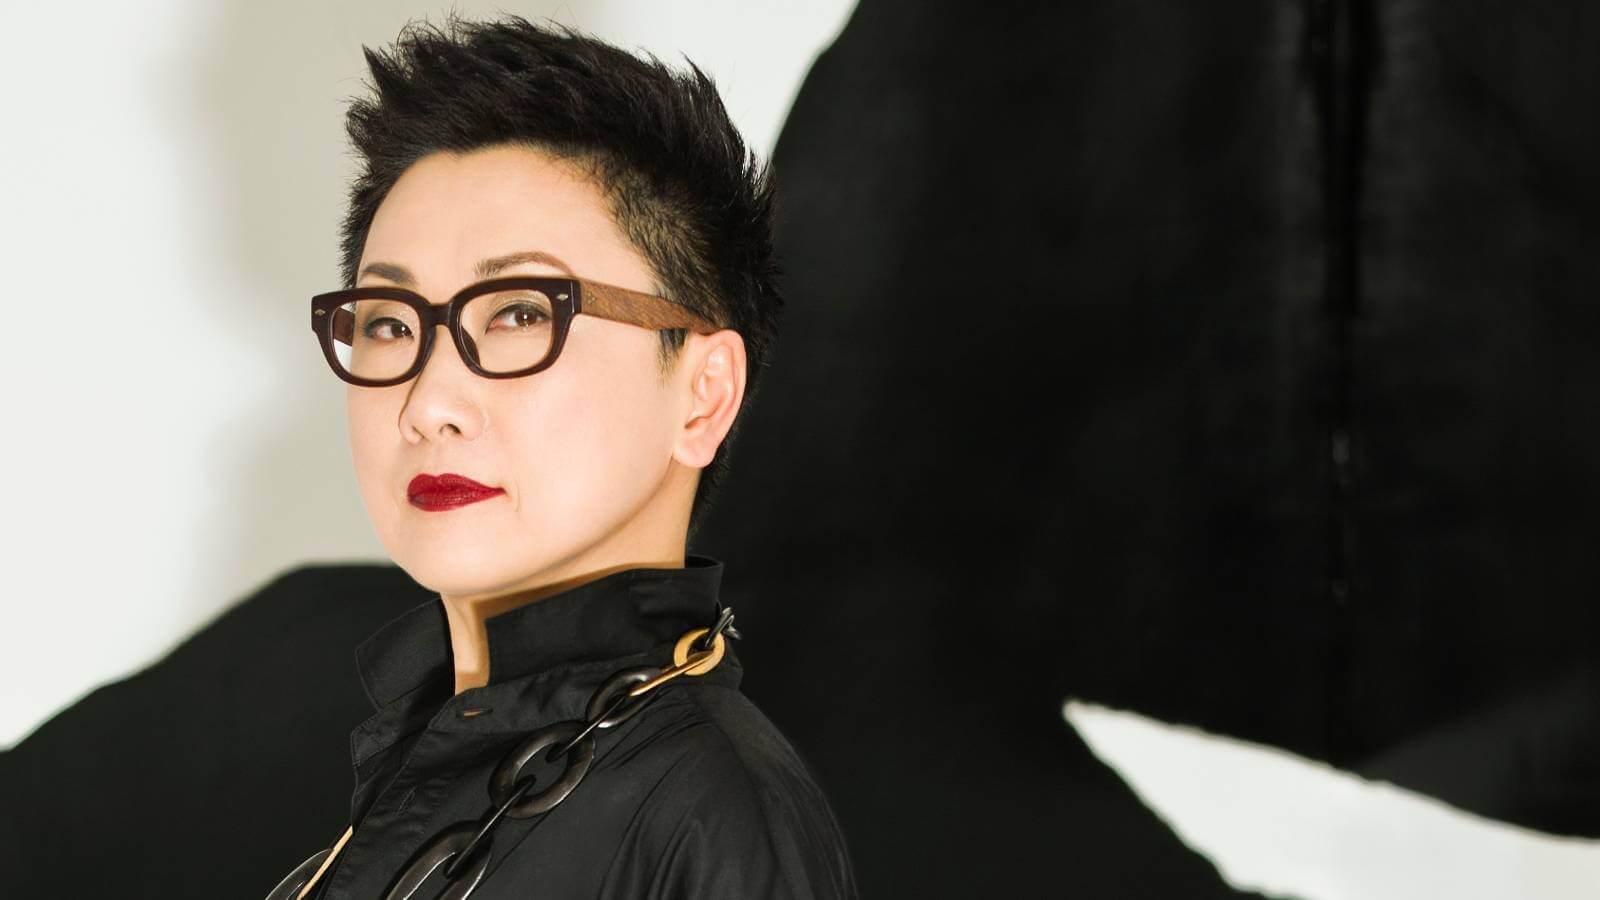 香港殿堂級造型師劉天蘭曾擔任Esprit第一任形象總監(Image Director)。